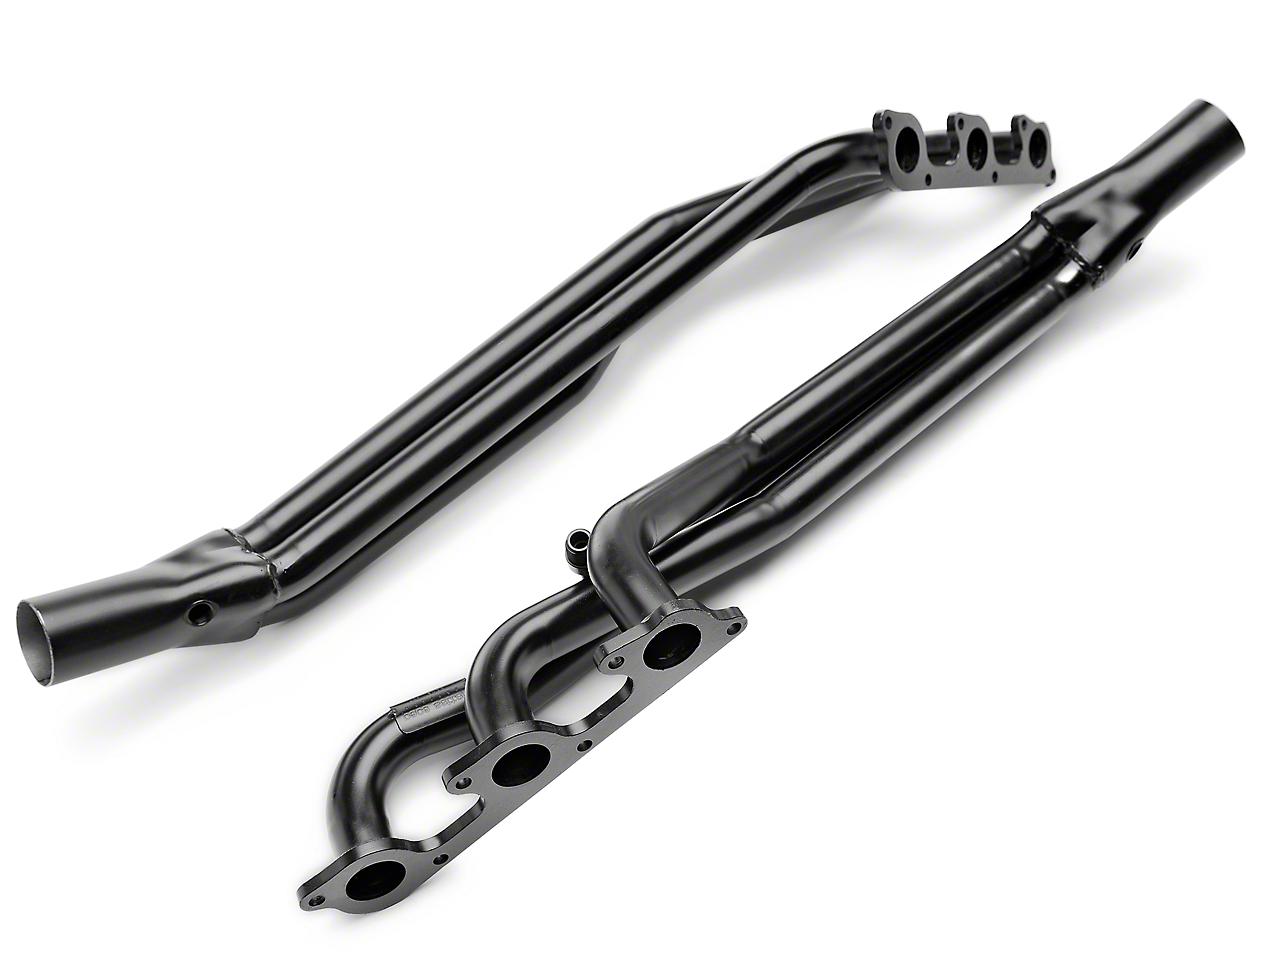 PaceSetter 1-5/8 in. Black Long Tube Headers (05-10 V6)